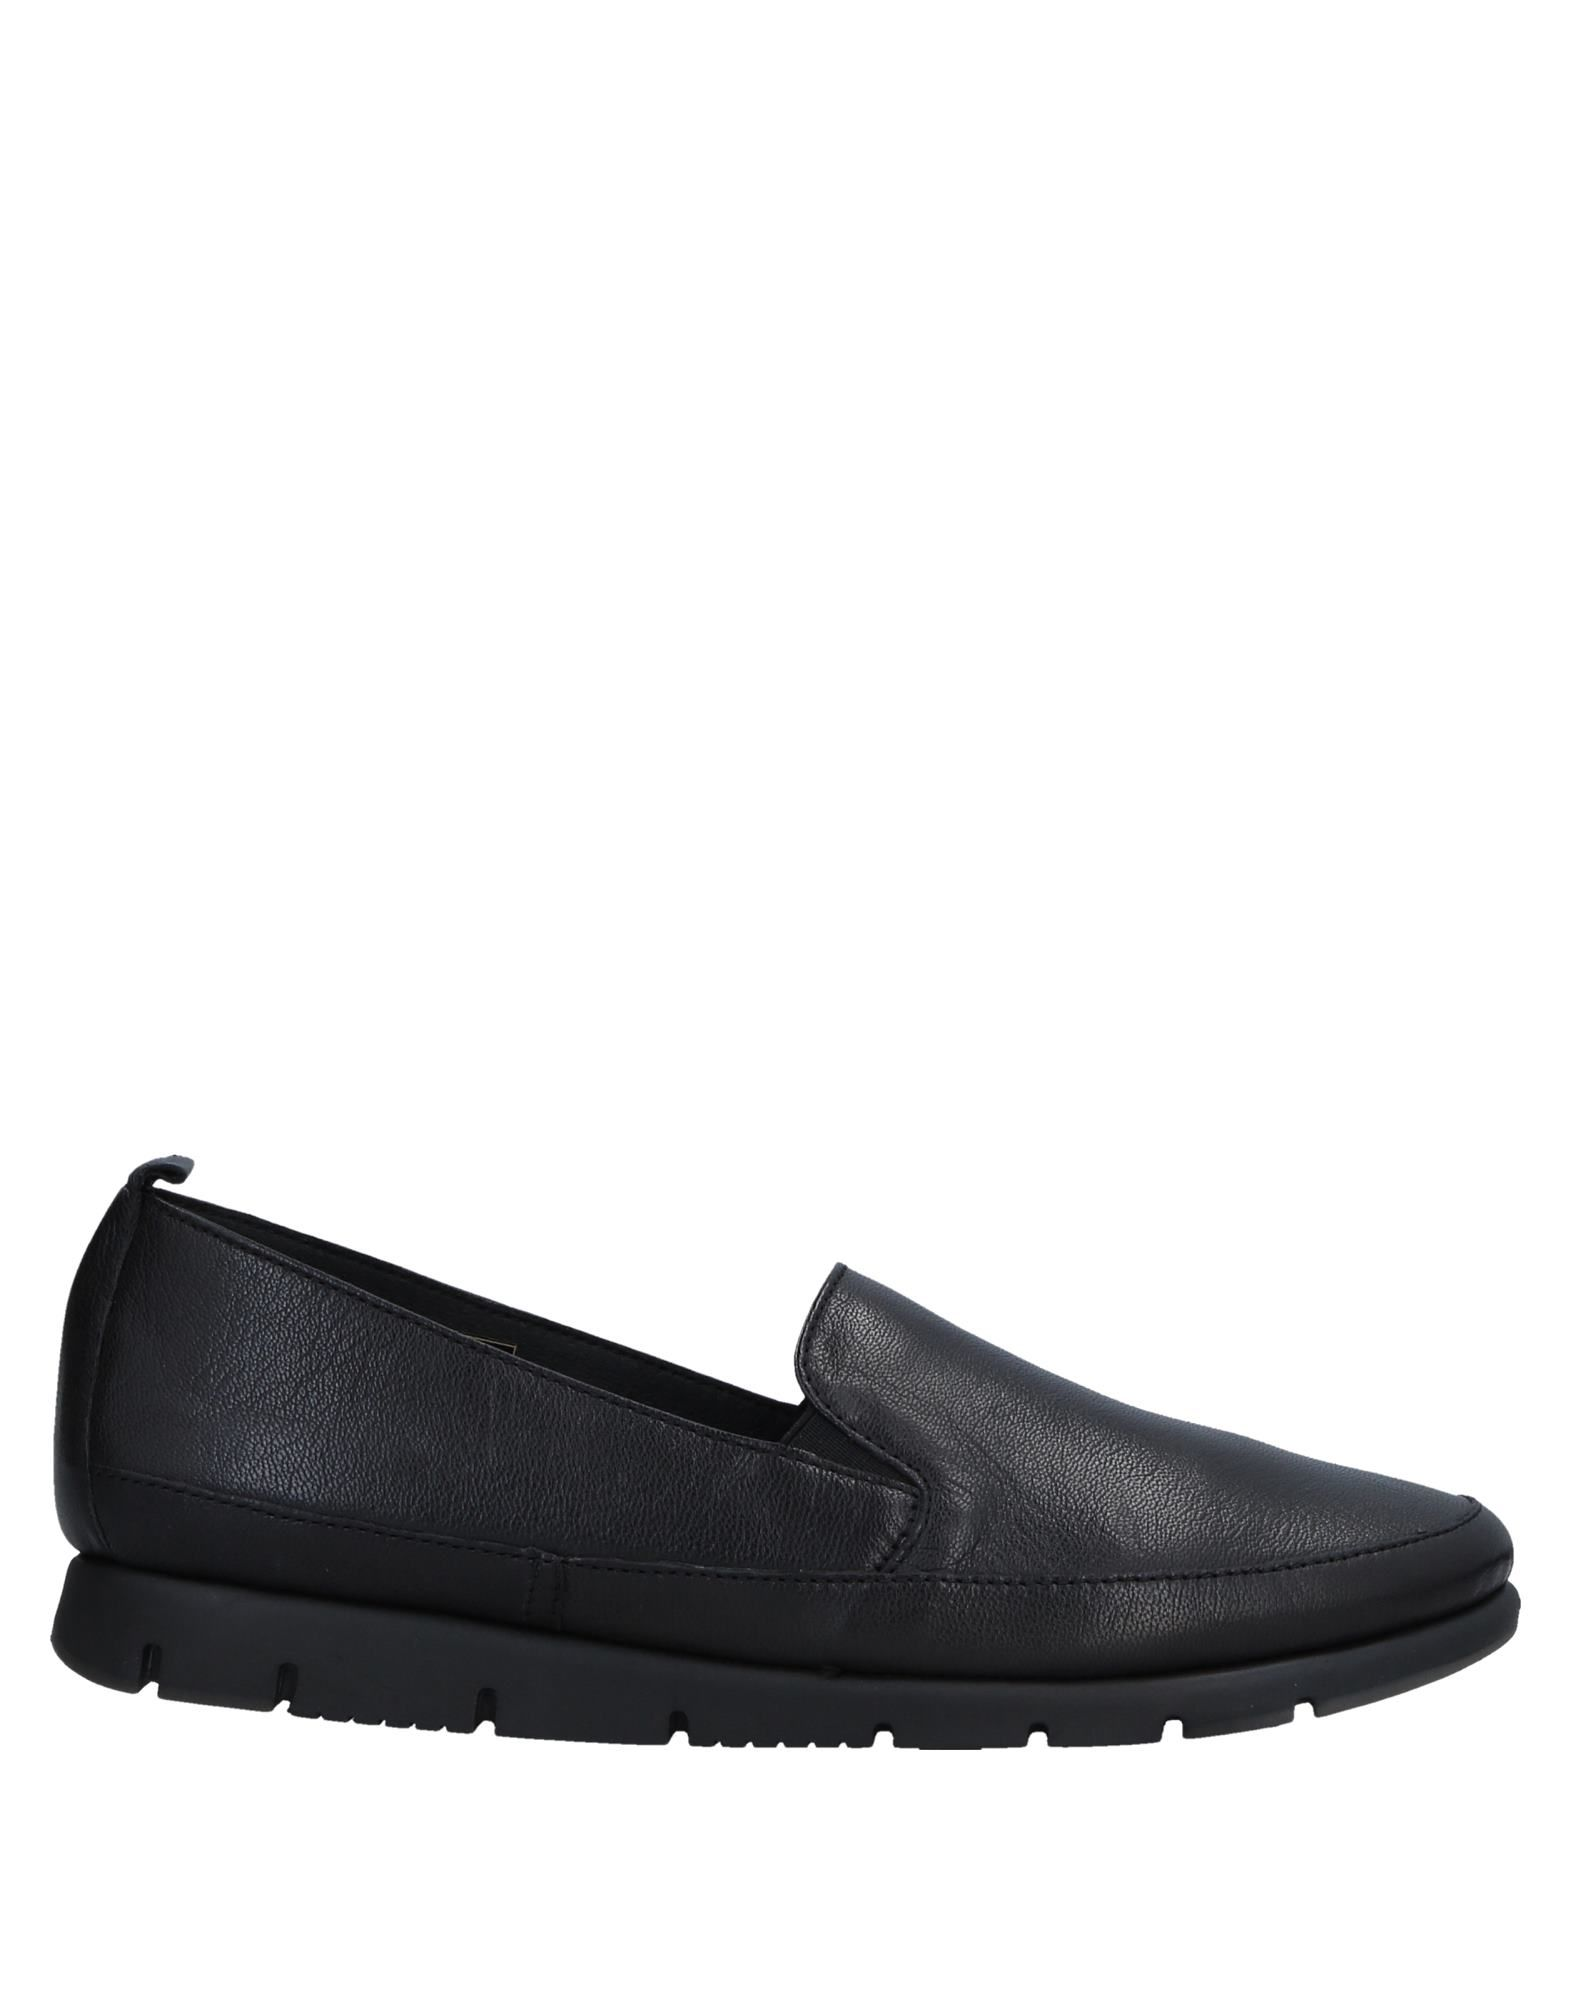 Aerosoles Mokassins Damen  11538069TL Gute Qualität beliebte Schuhe